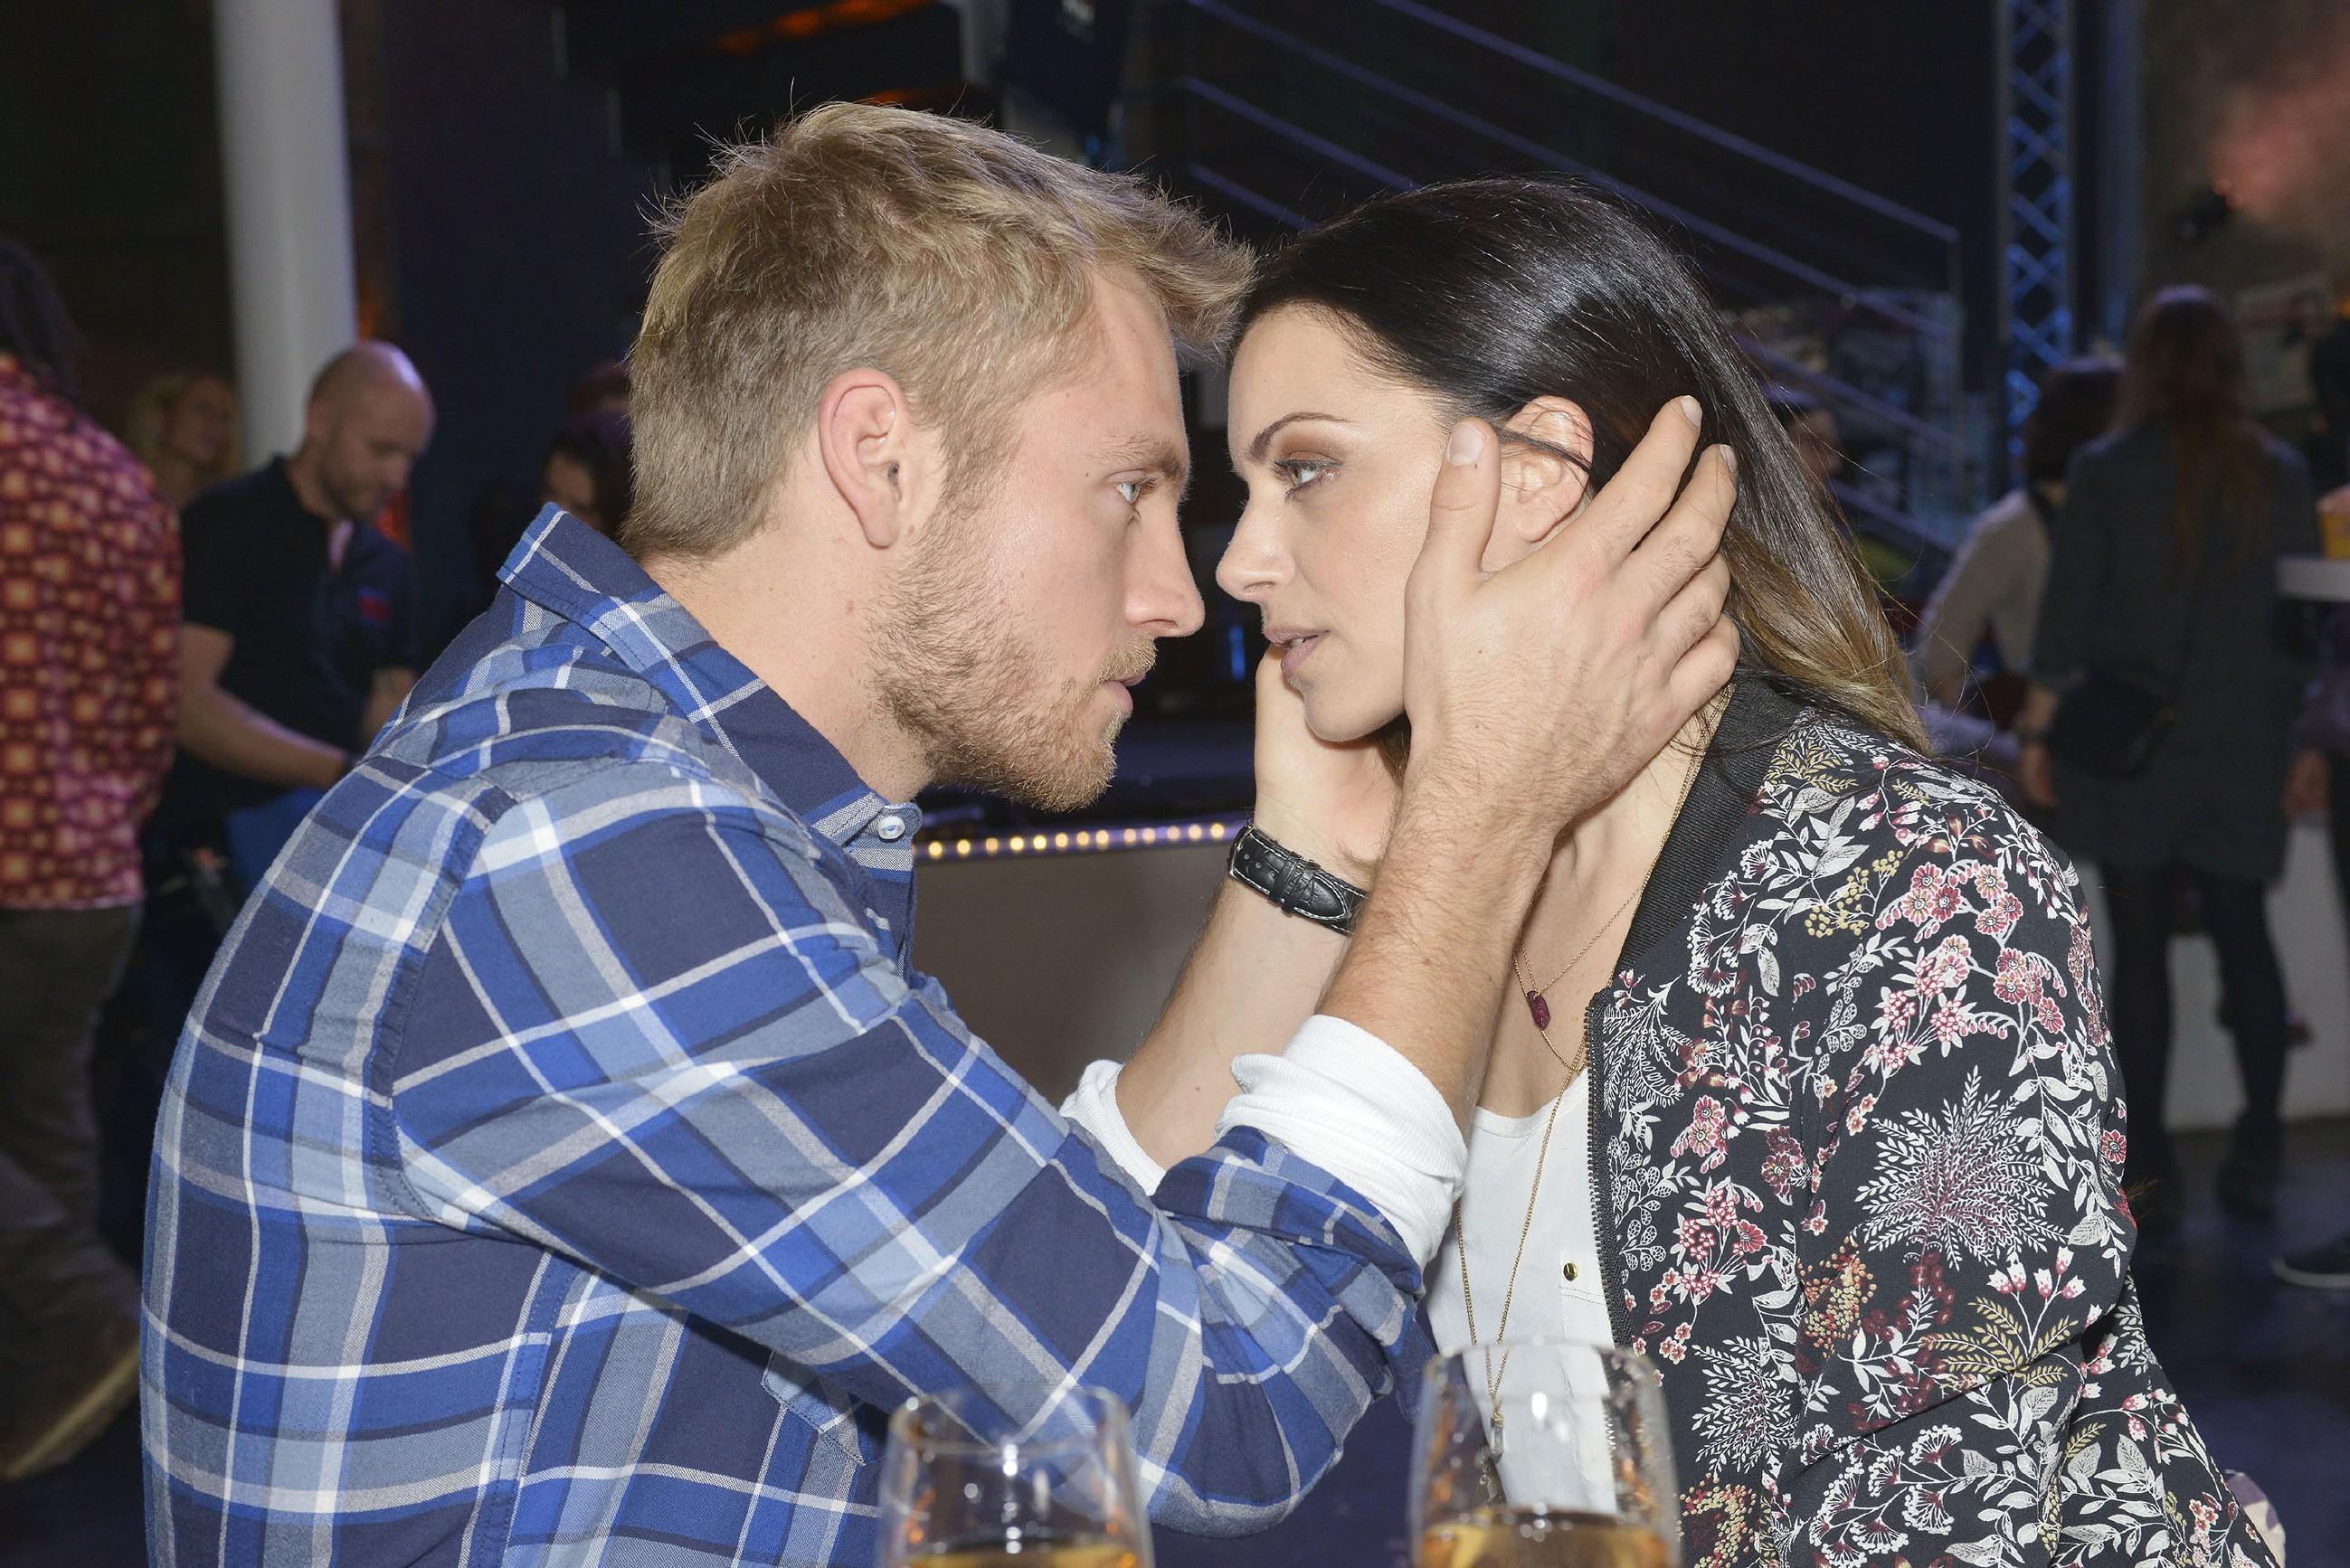 Um Eva endgültig aus der Reserve zu locken, verlangt Emily (Anne Menden), dass Paul (Niklas Osterloh) sie küsst - und auf einmal ist alles um sie herum vergessen und die beiden erleben einen magischen Moment...